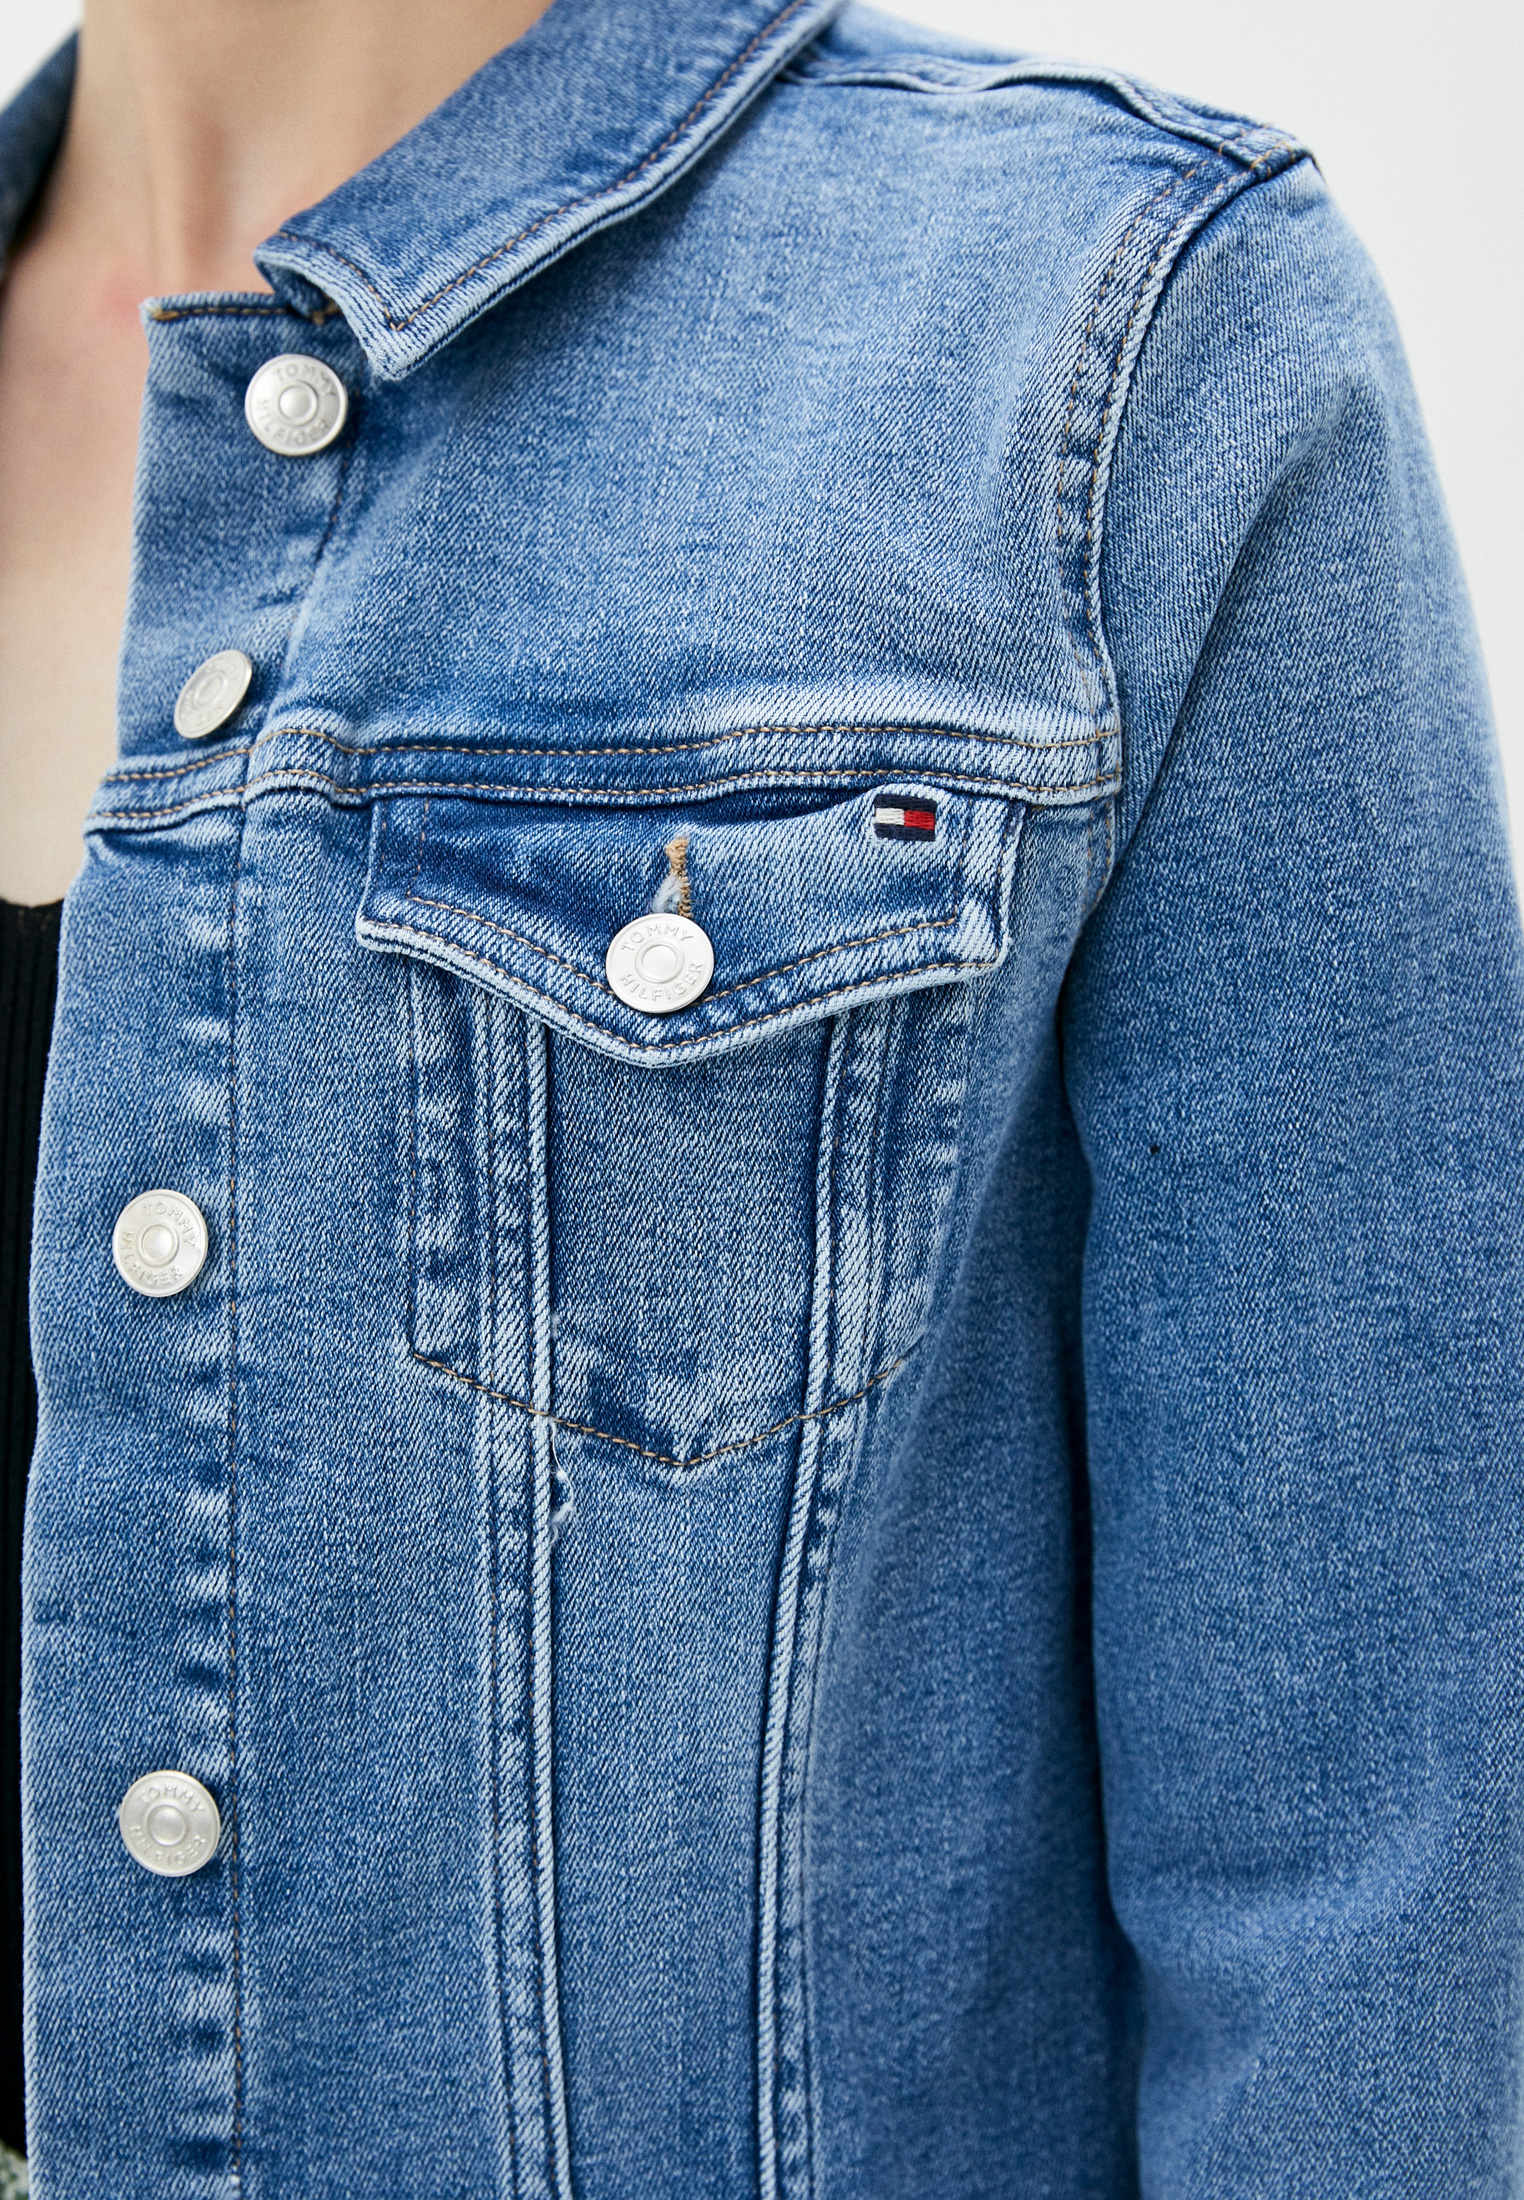 Джинсовая куртка Tommy Hilfiger (Томми Хилфигер) WW0WW30162: изображение 4